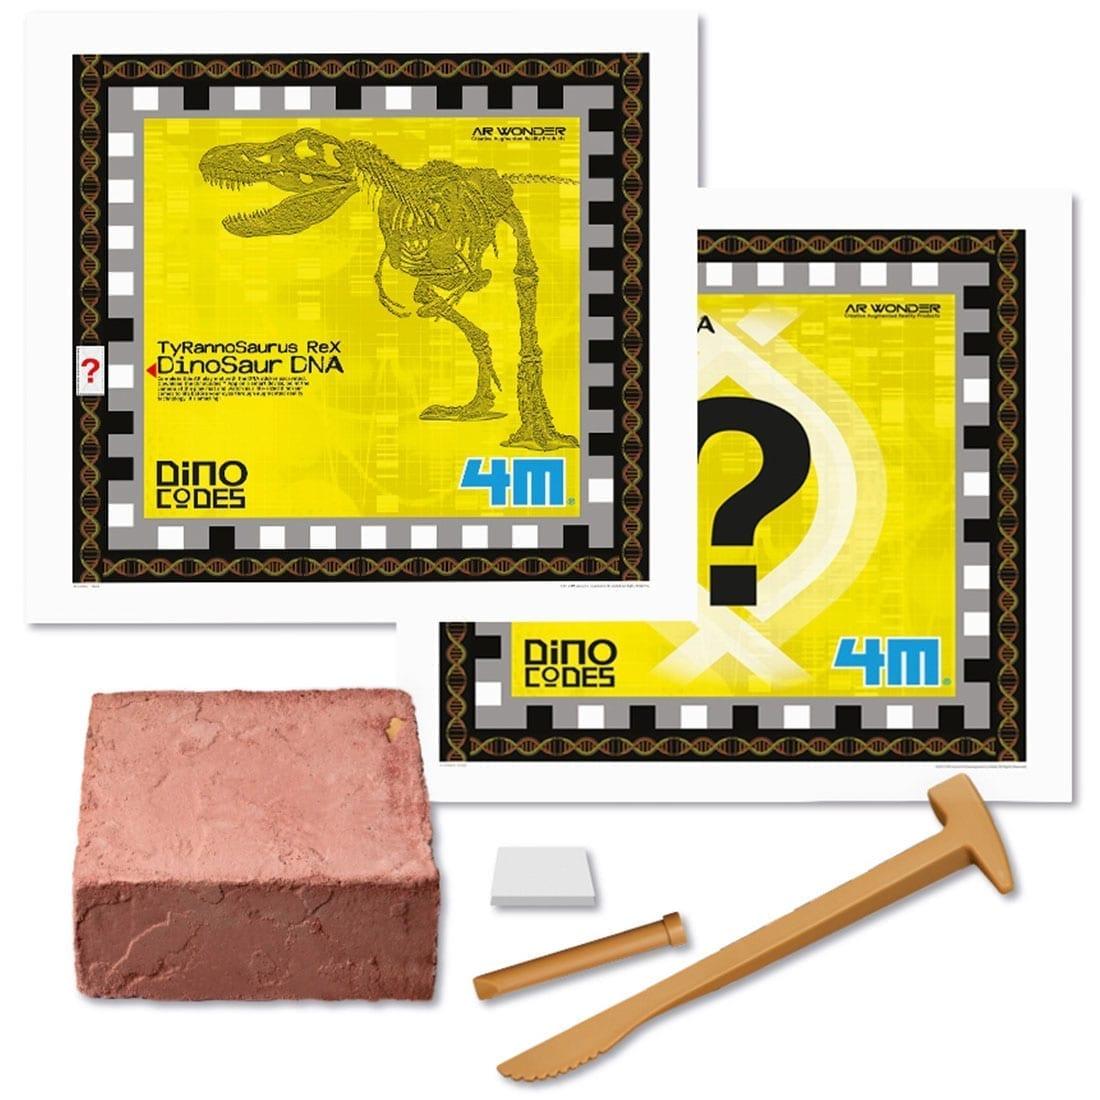 קיט יצירה ארכיאולוגית – לחפור ולגלות טירנוזאורוס רקס DNA